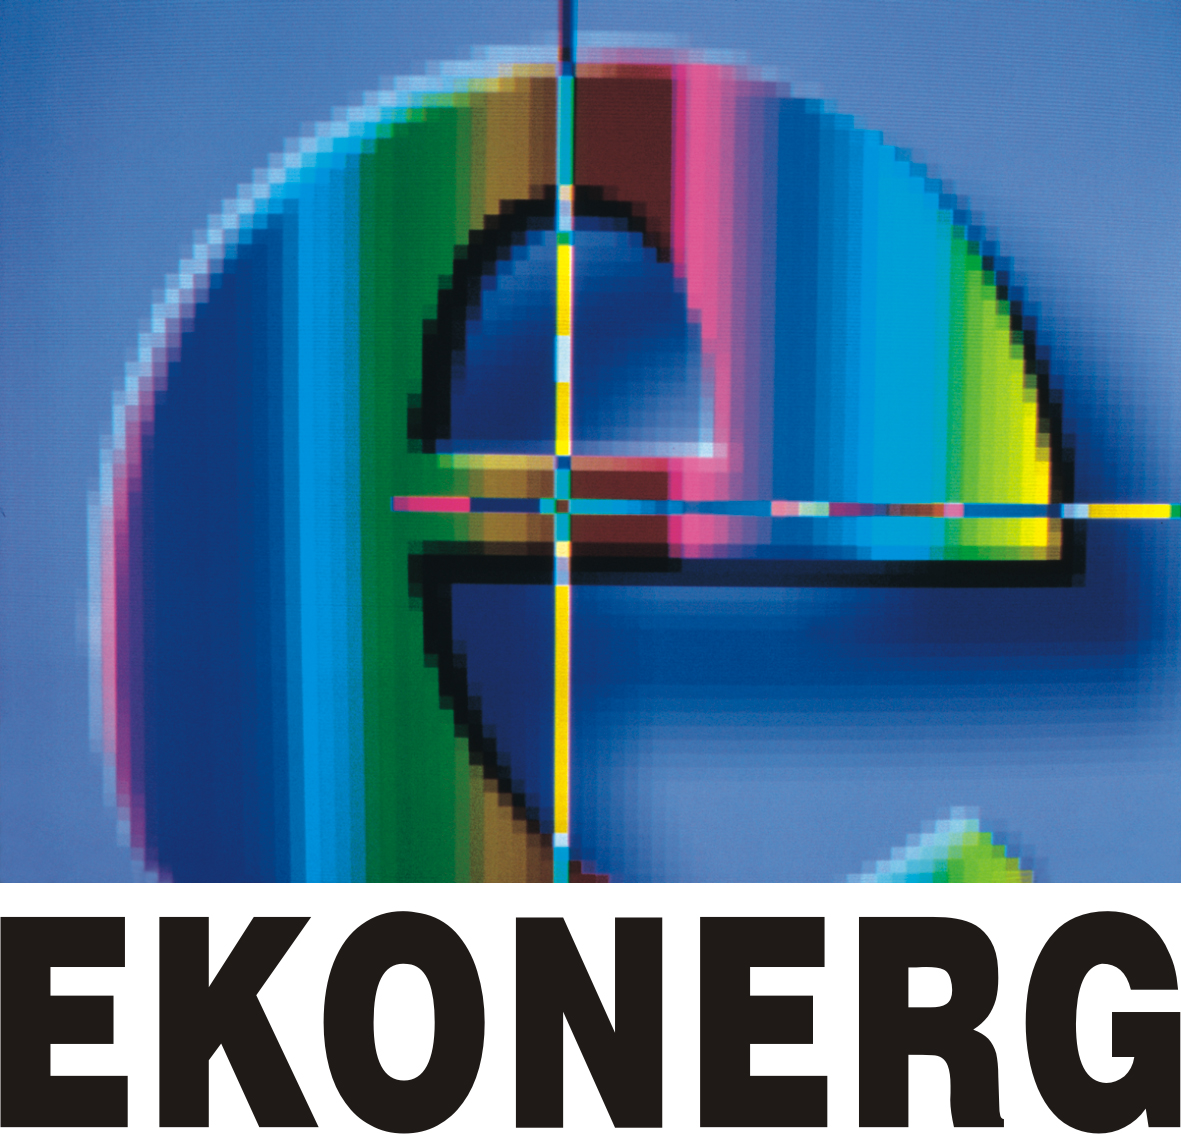 Ekonerg_logo1